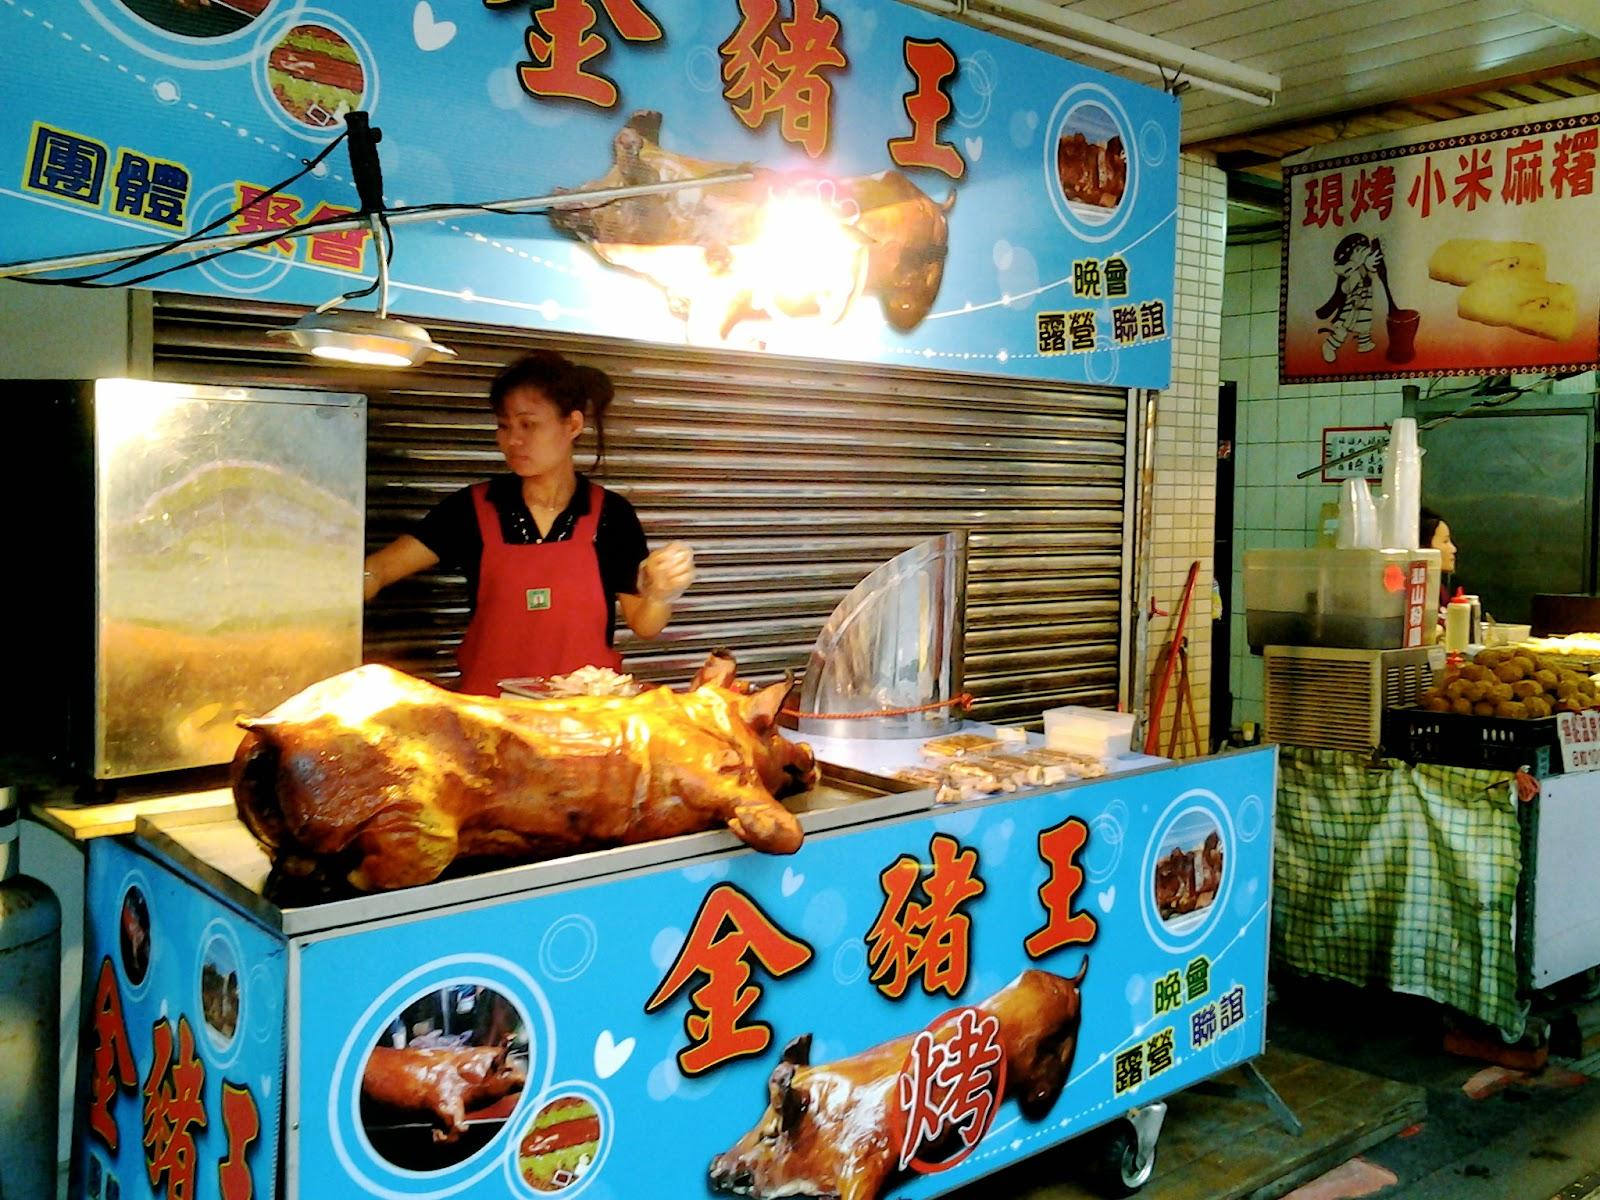 Roasted Wild Boar Wulai Taiwan